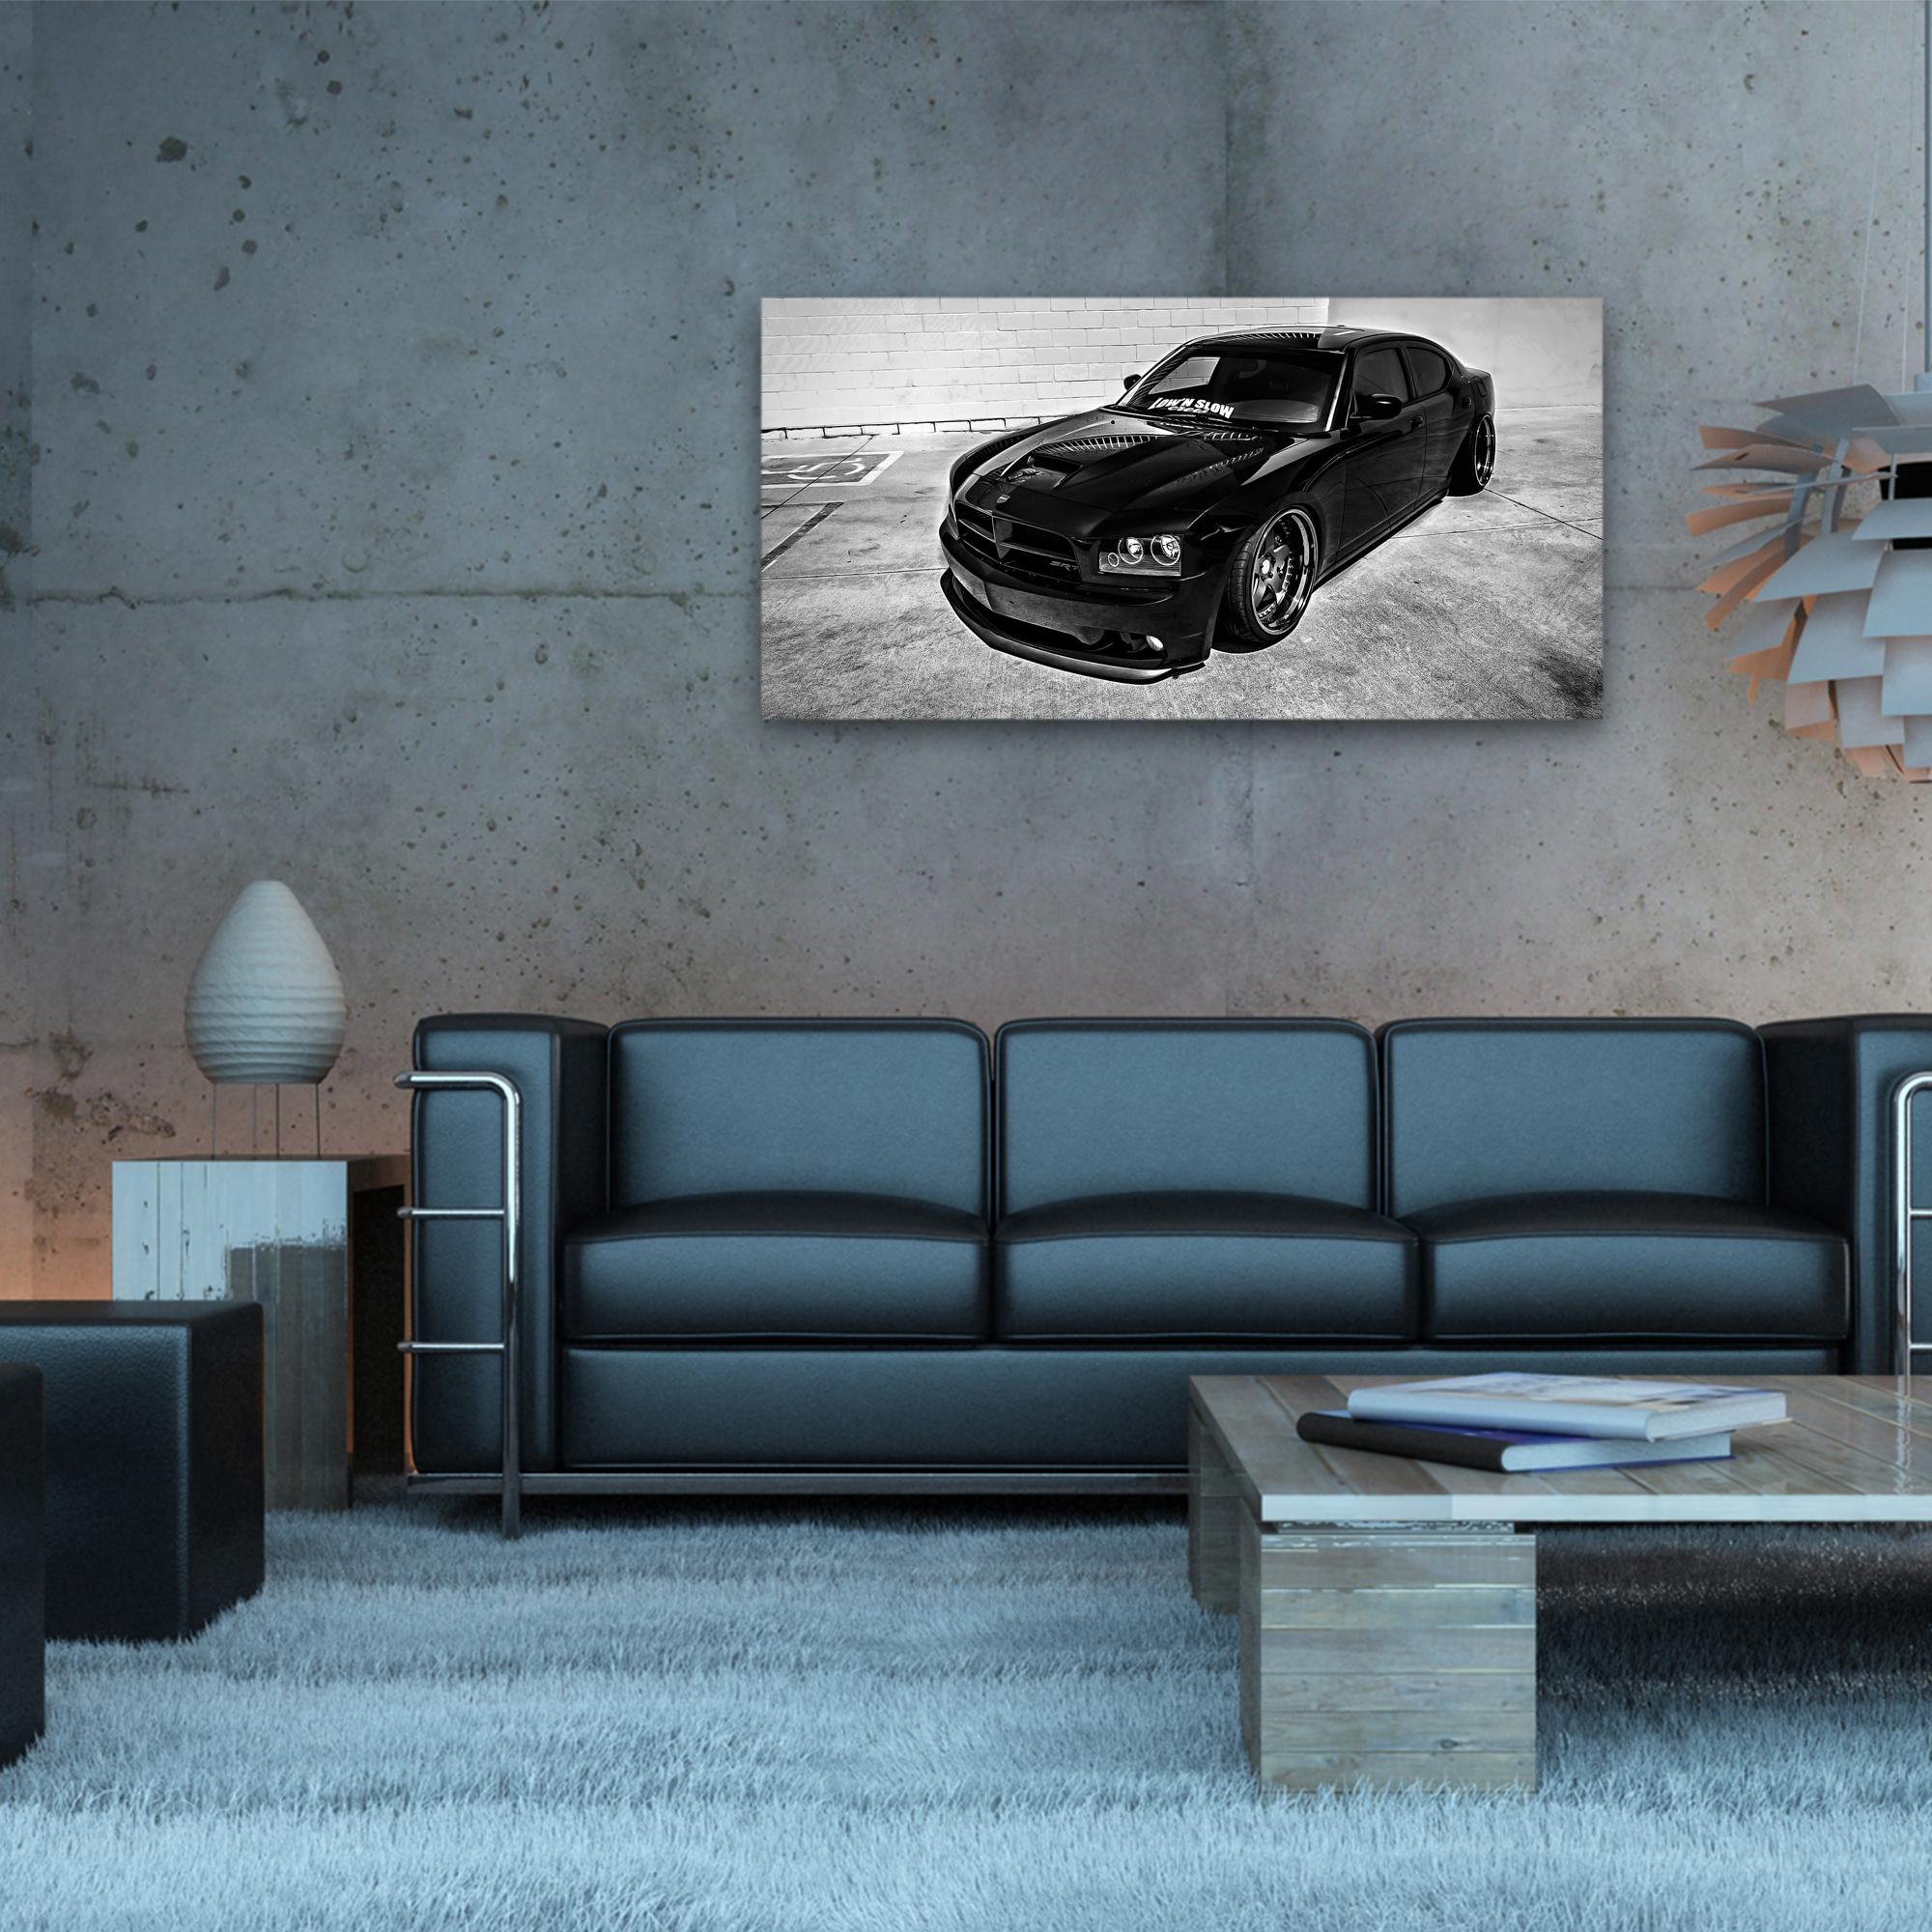 charger dodge noir voiture am ricaine arimaje. Black Bedroom Furniture Sets. Home Design Ideas